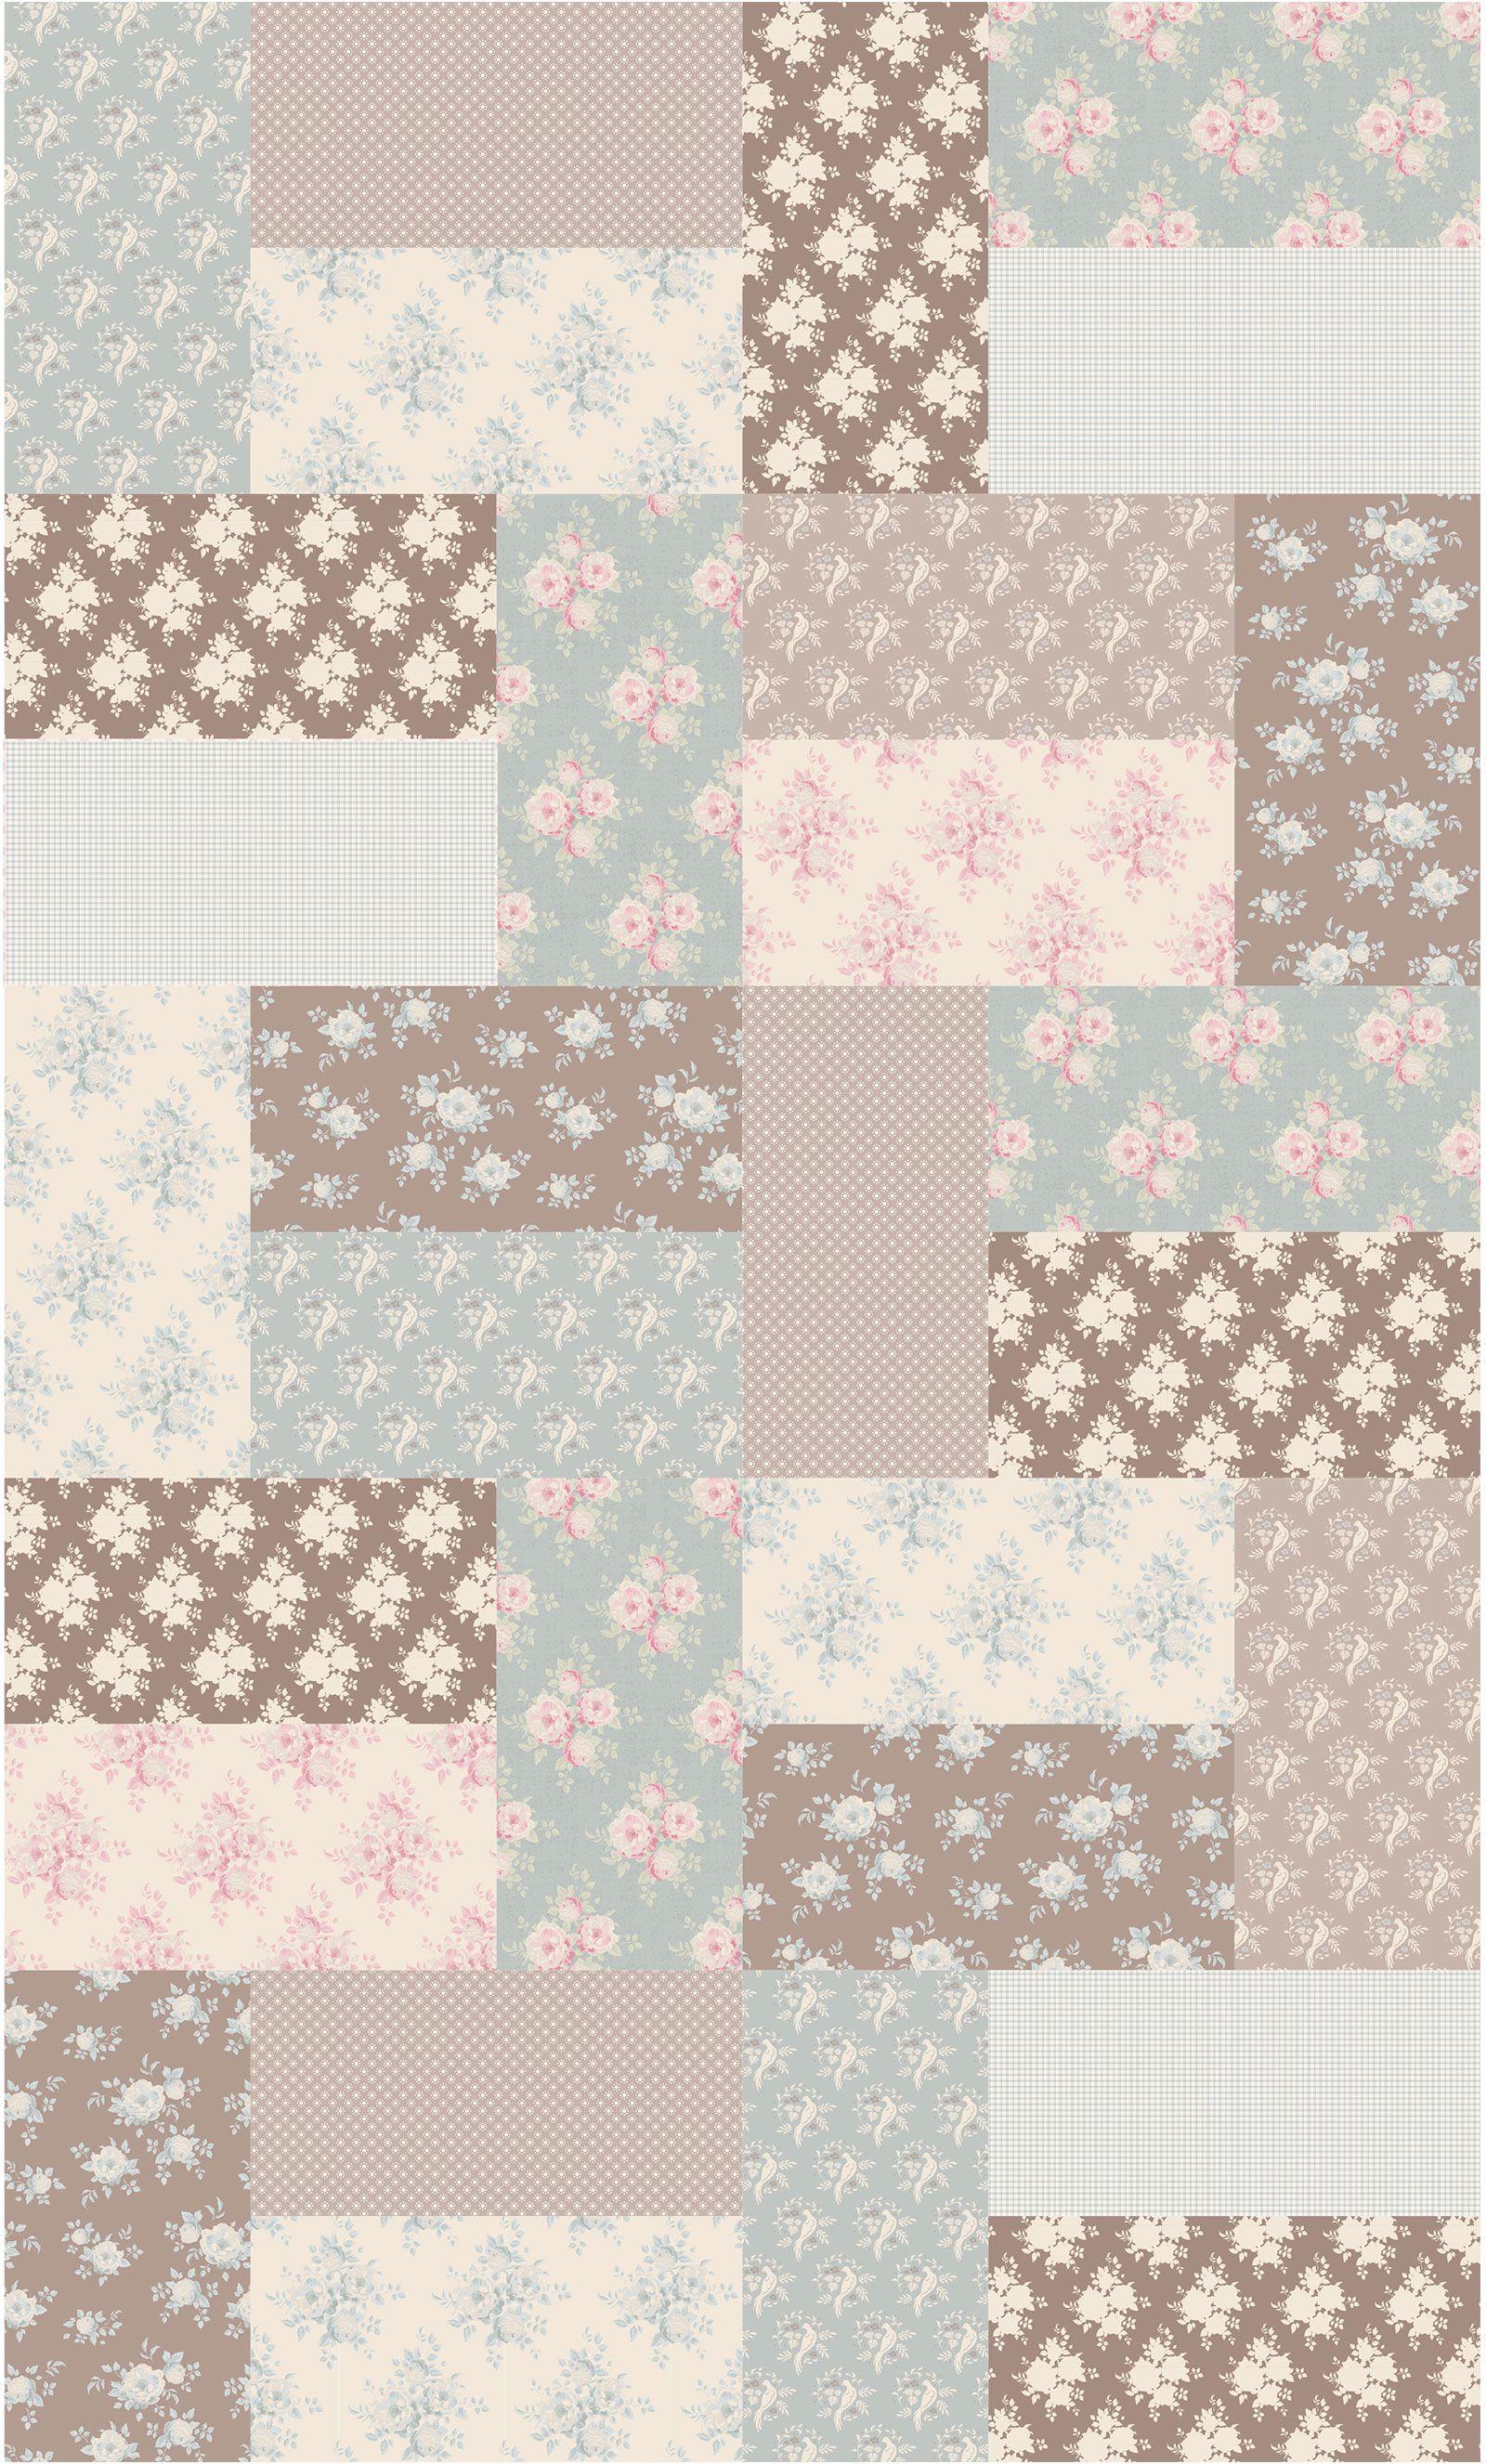 les 25 meilleures id es de la cat gorie plaid patchwork sur pinterest couverture patchwork. Black Bedroom Furniture Sets. Home Design Ideas